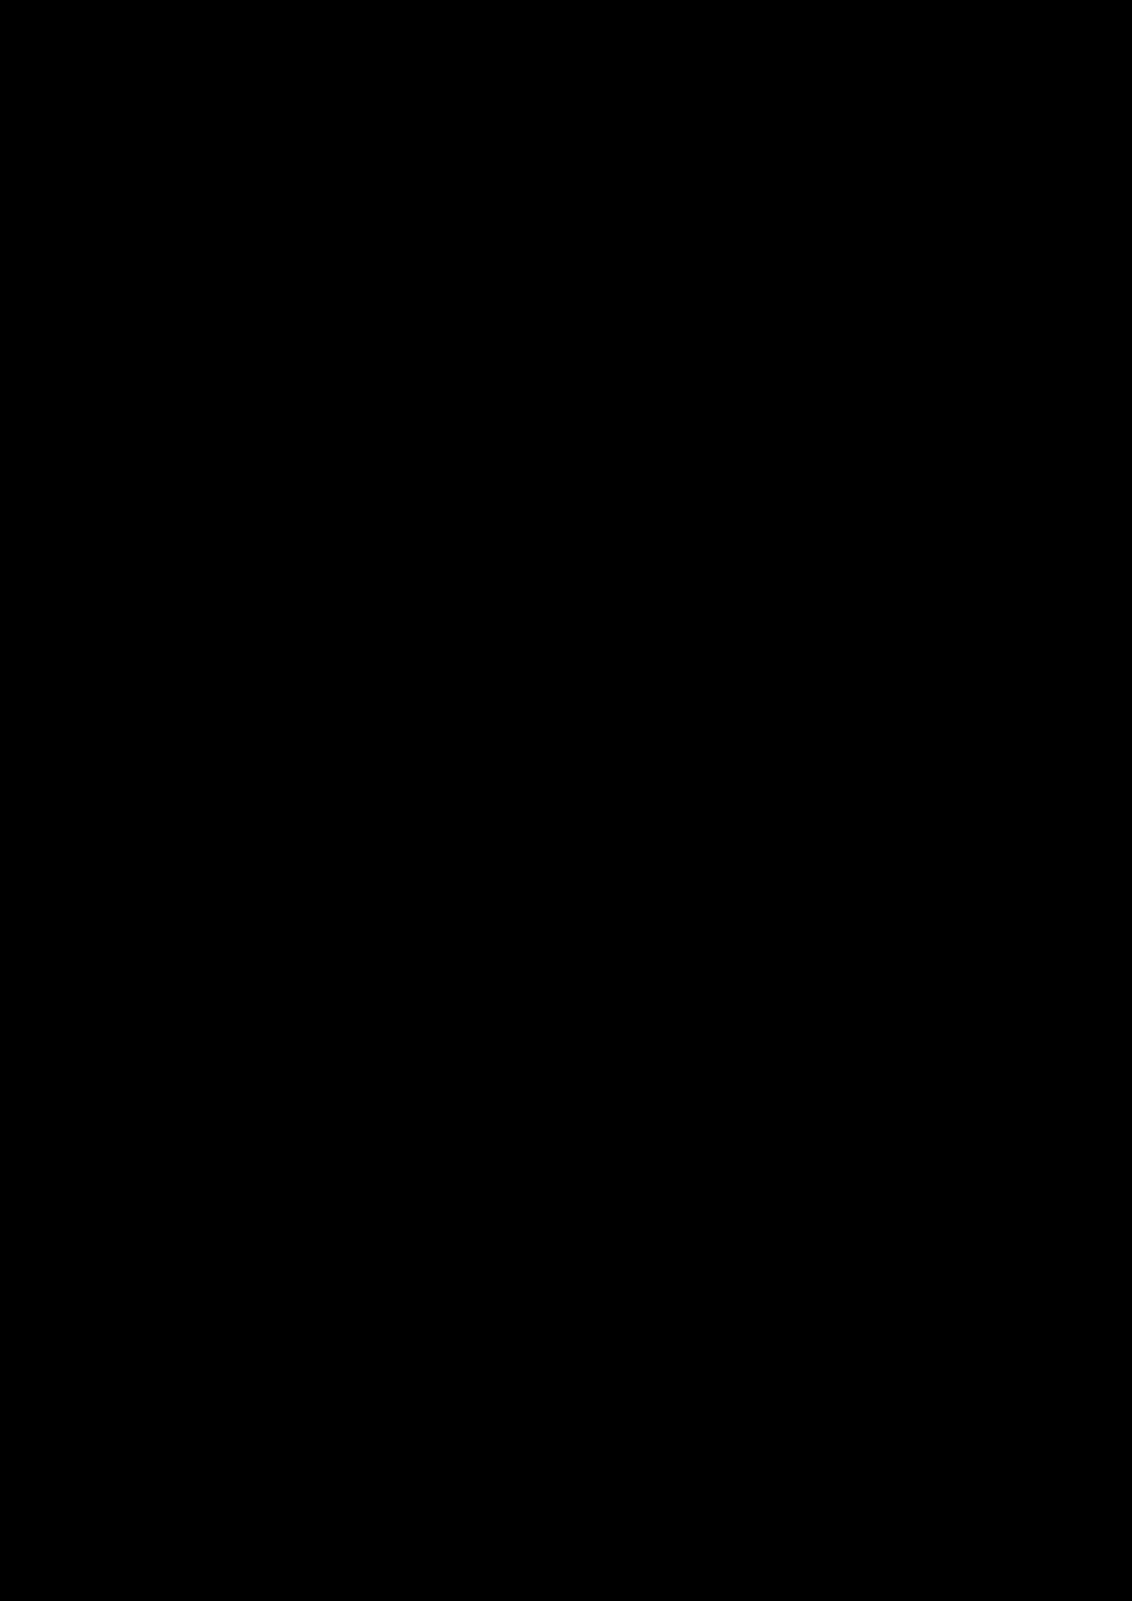 Vyibor Est slide, Image 7